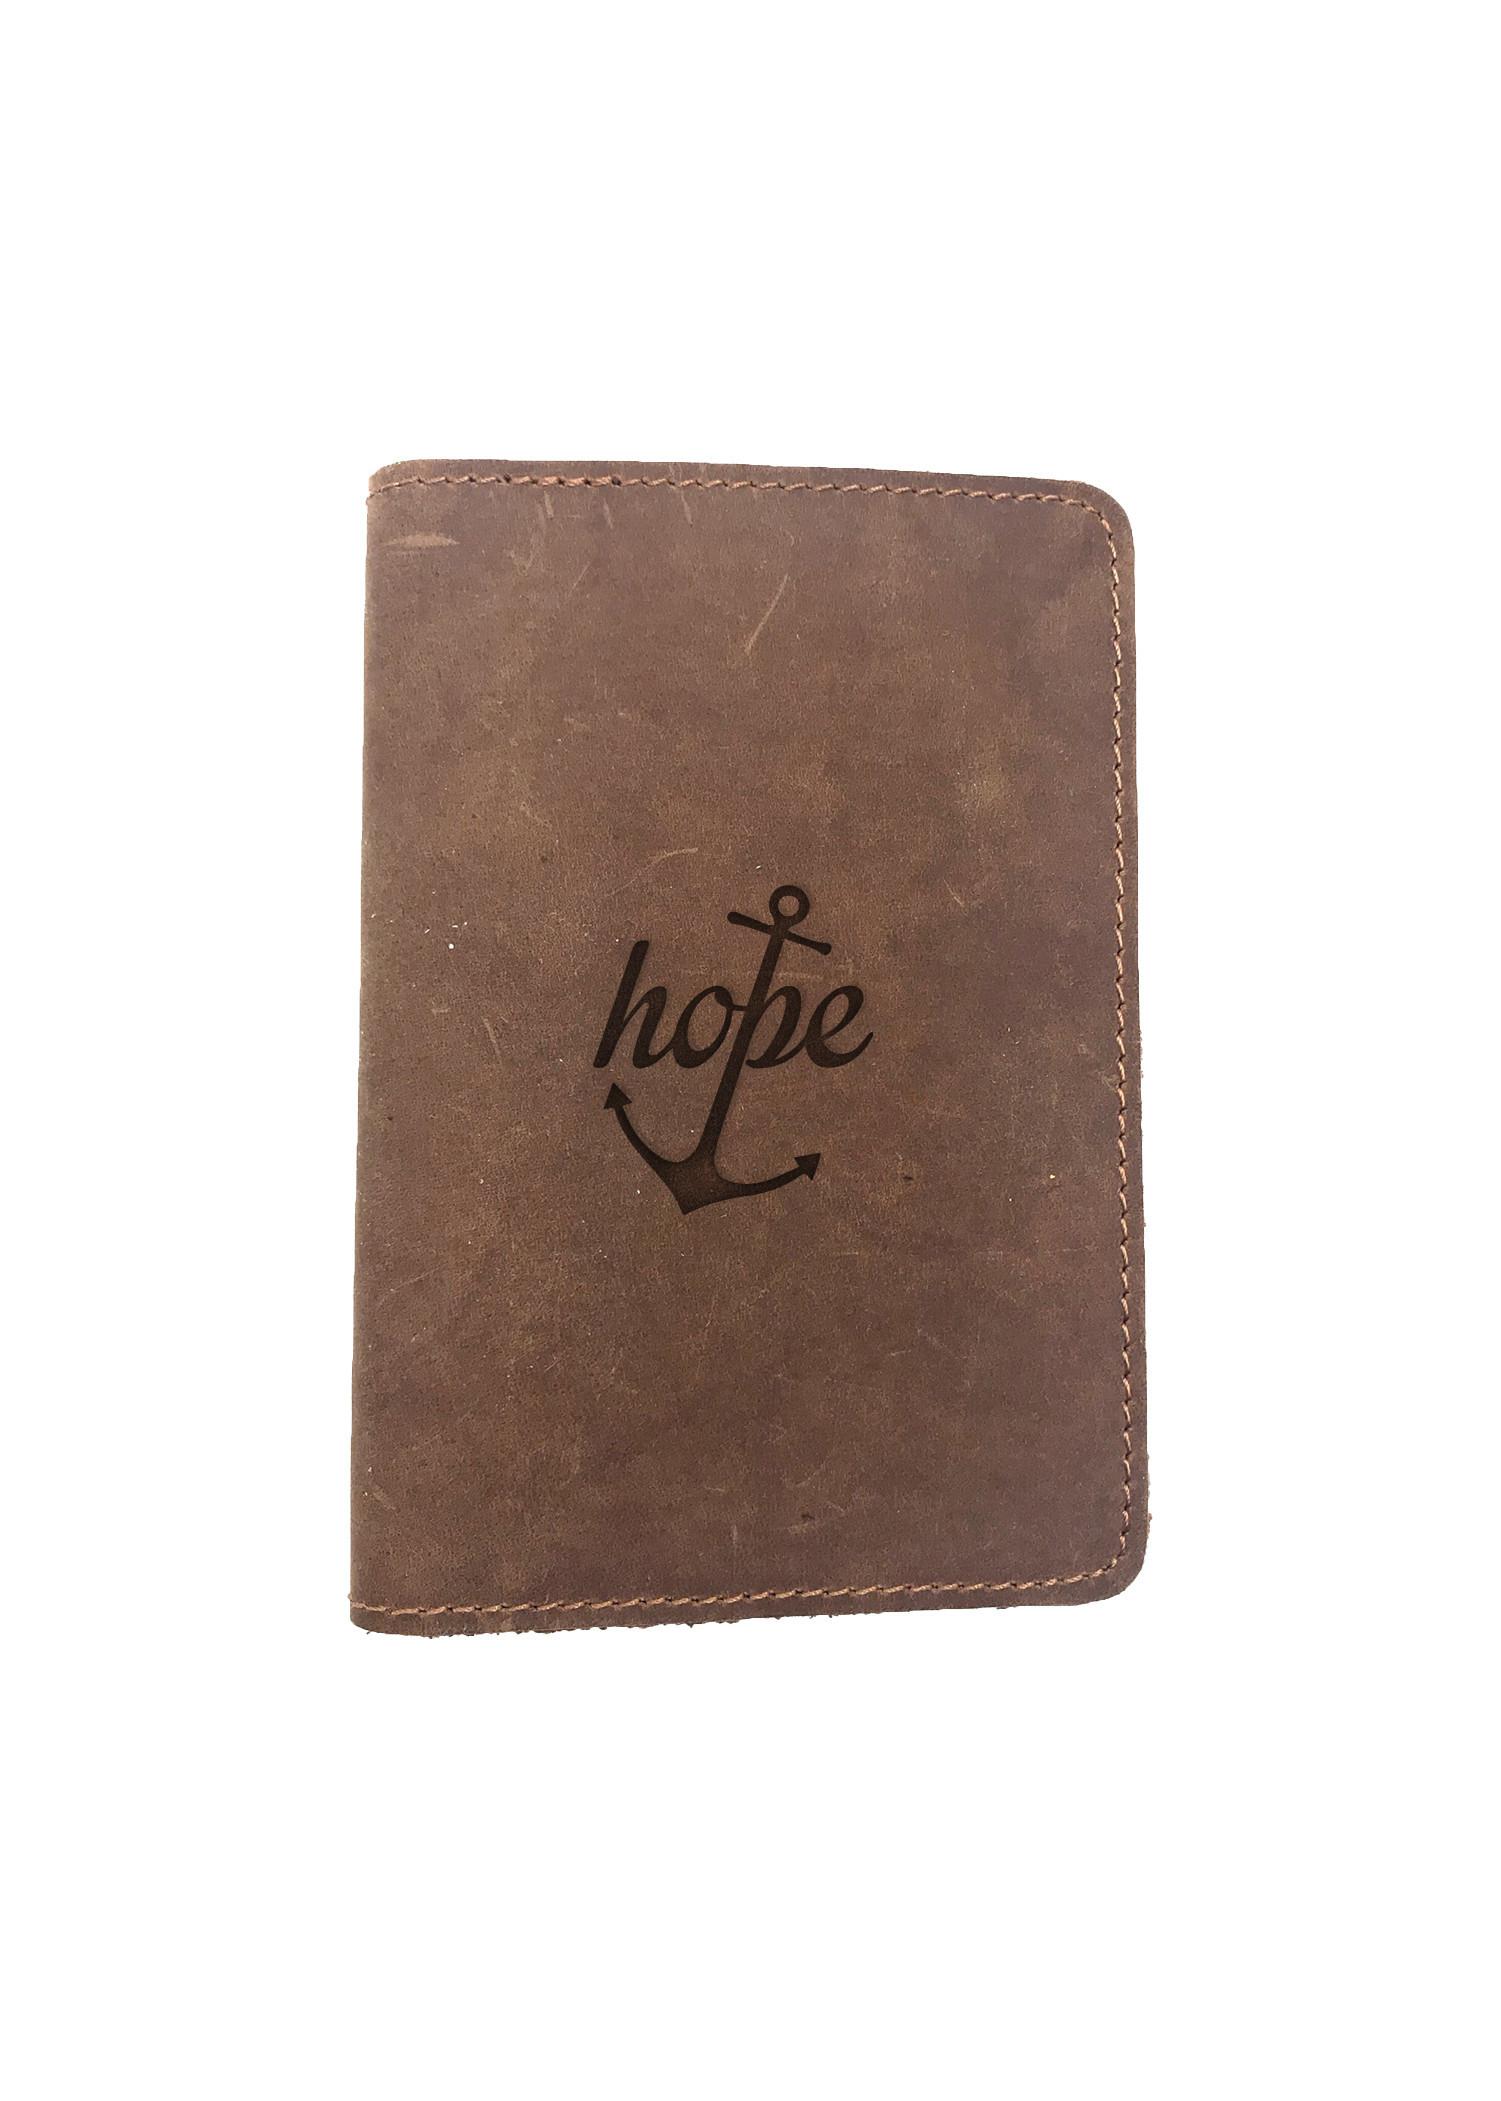 Passport Cover Bao Da Hộ Chiếu Da Sáp Khắc Hình Chữ CHRISTIAN HOPE (BROWN)